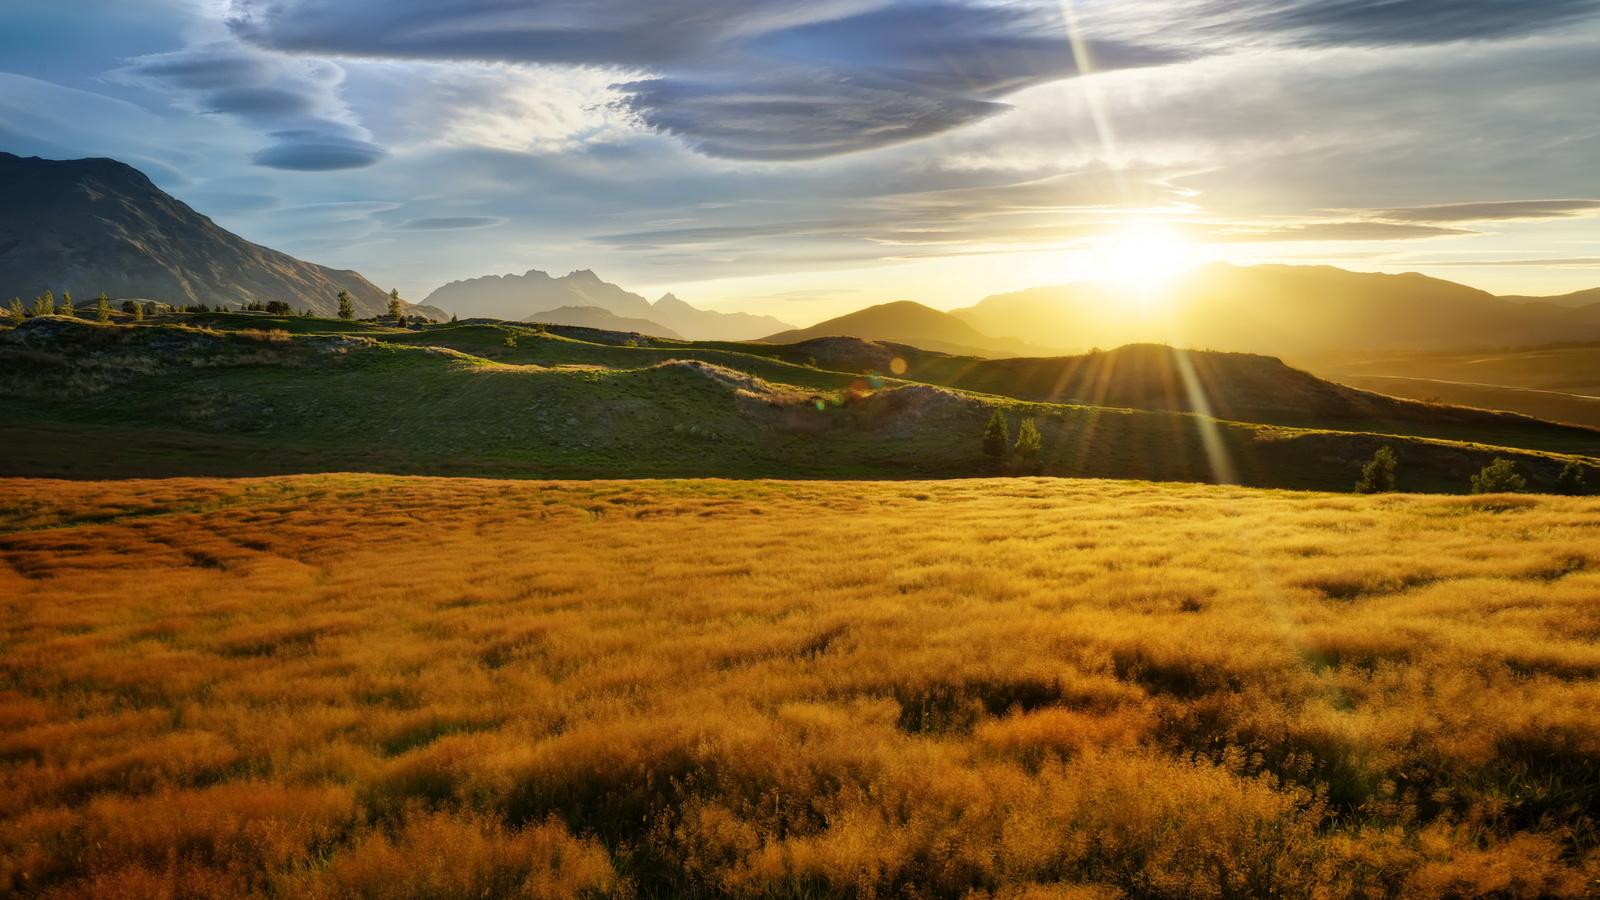 облако, поле, дикая местность, восход солнца, свет